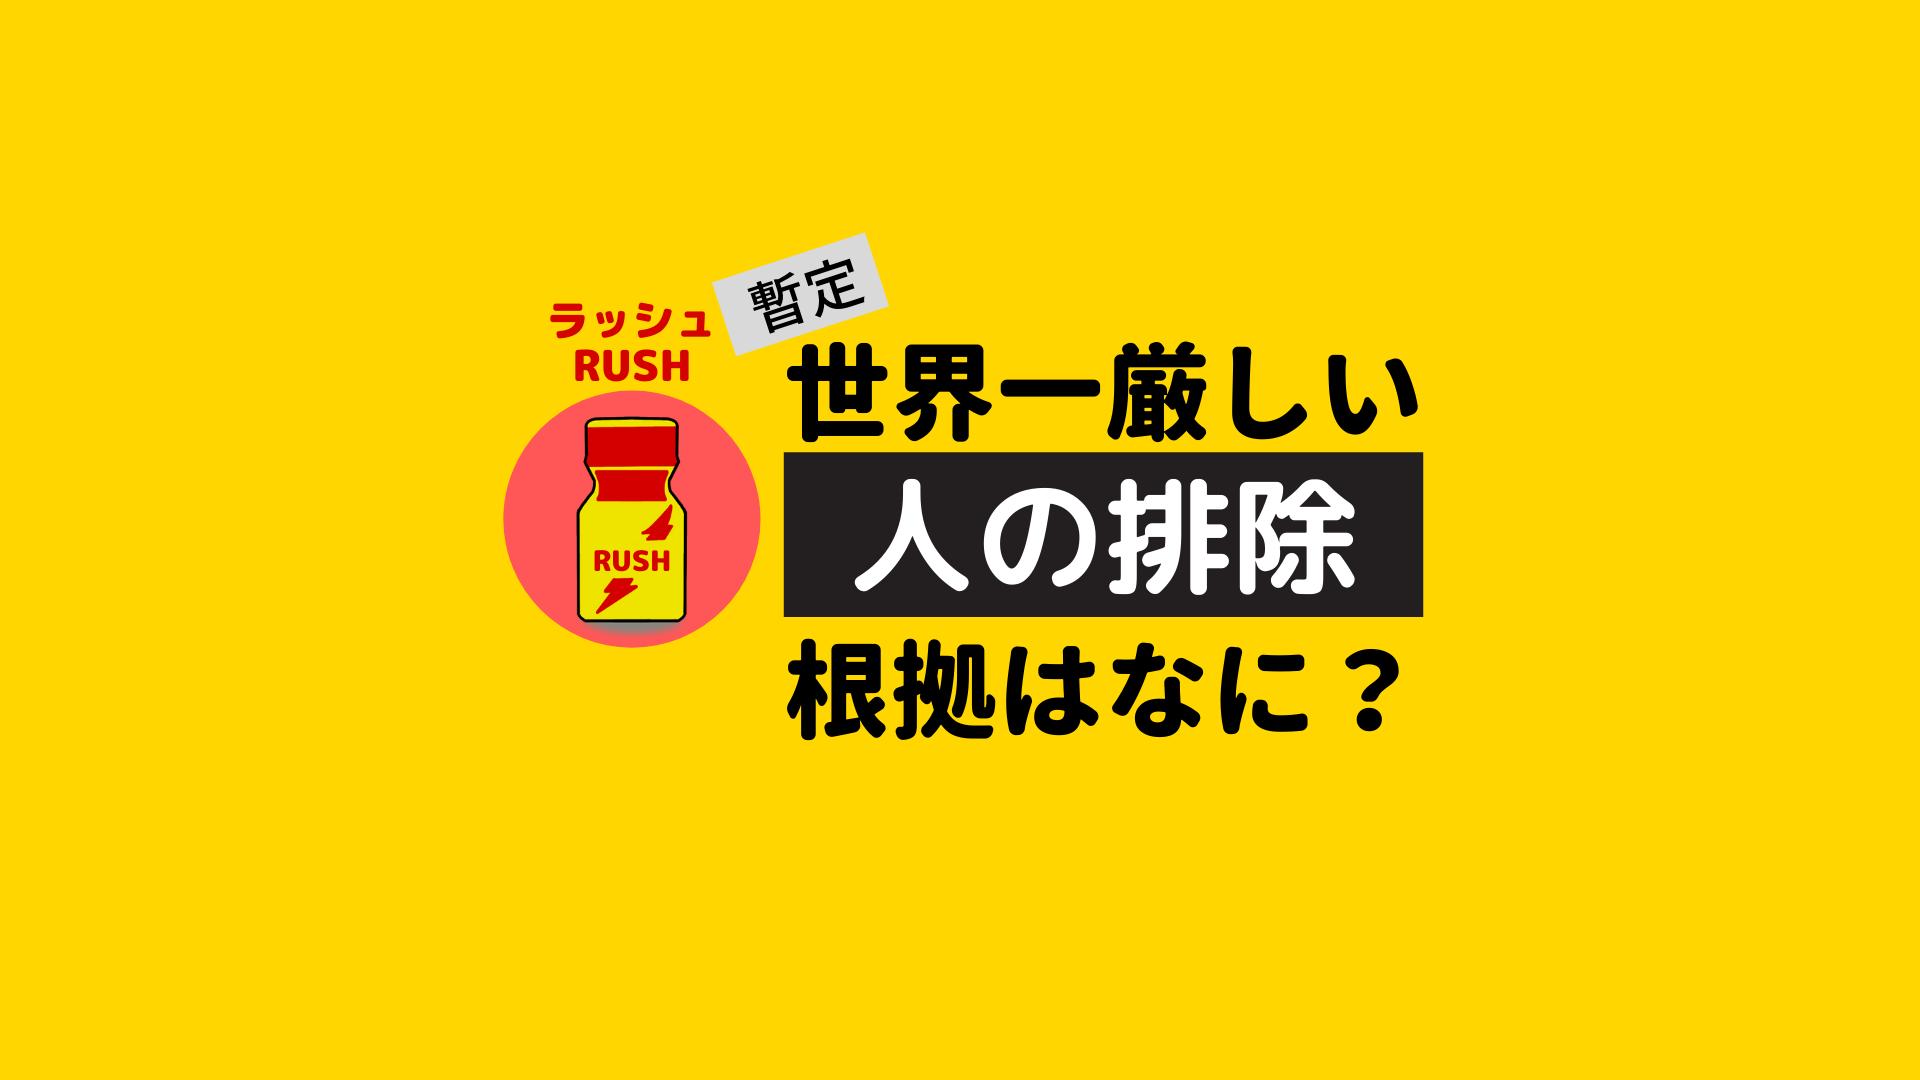 ラッシュいいの?ダメなの? NYAN|日本薬物政策アドボカシーネットワーク